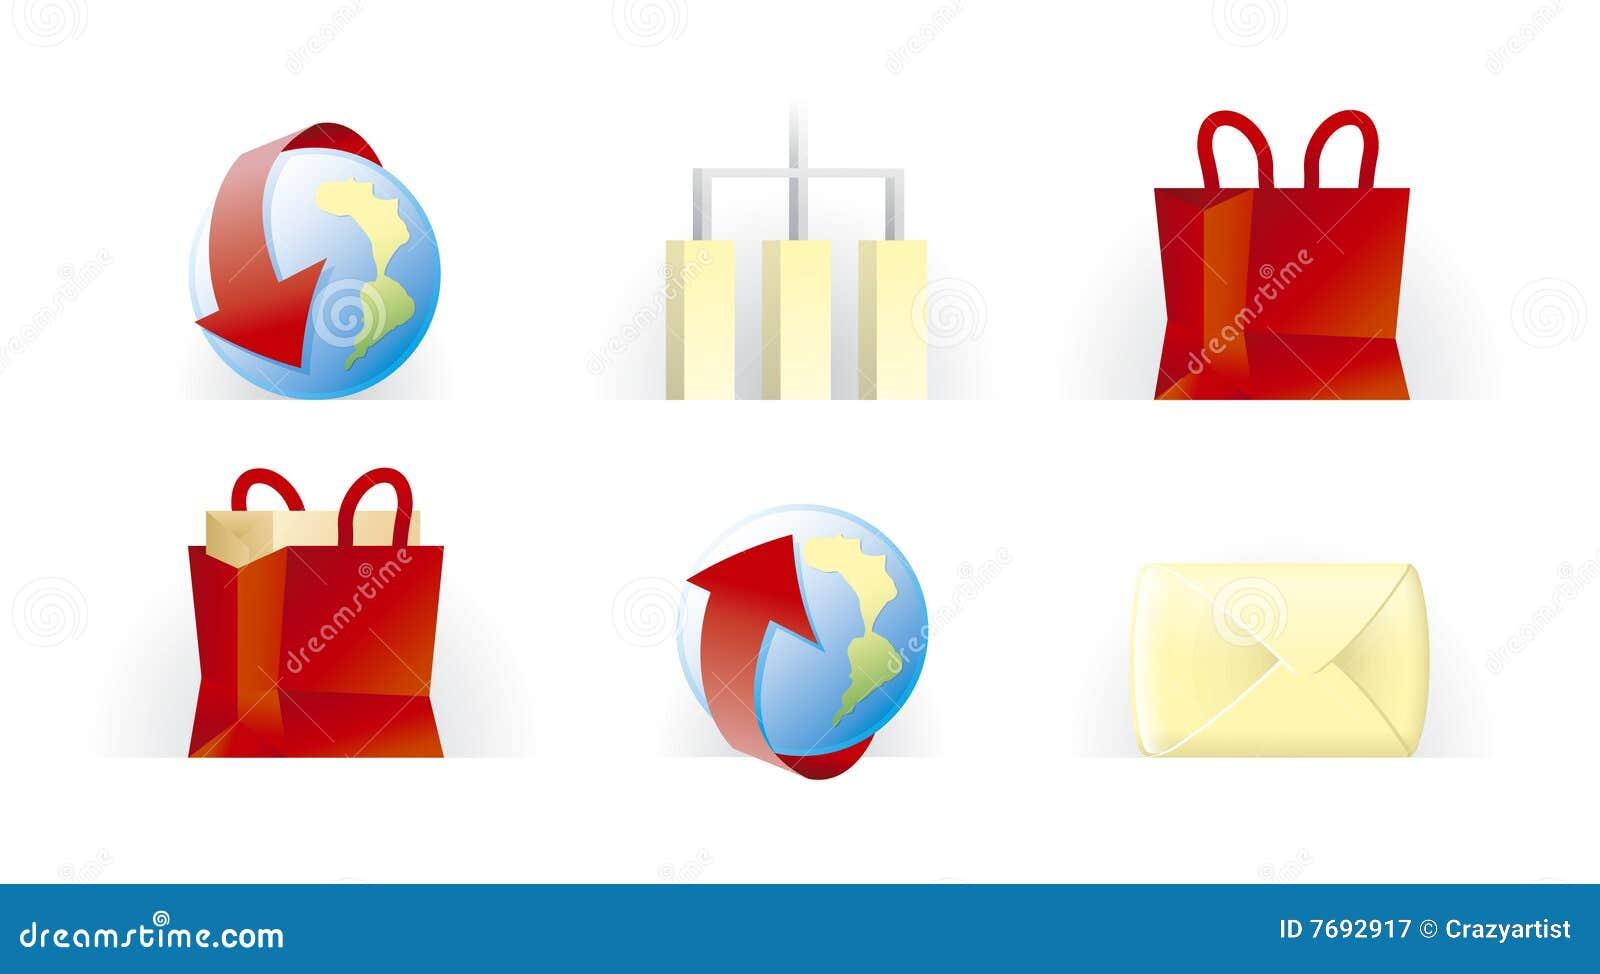 Iconos del Web site y del Internet | T.U.P.O. Color